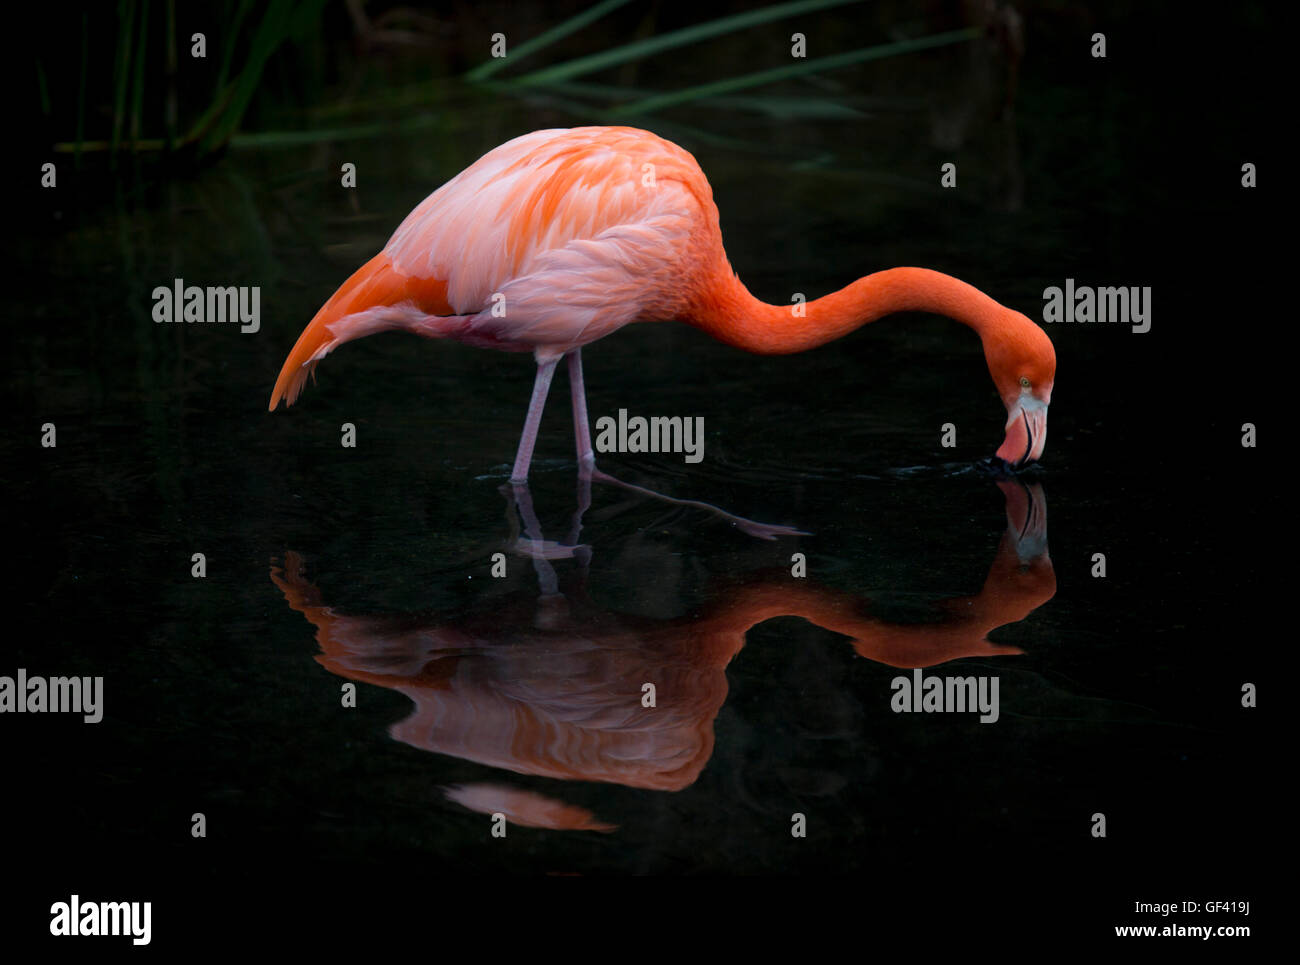 Escobar, Argentina. El 27 de julio, 2016. Un americano flamingo bebe agua en el Biopark, Temaiken en Escobar, a Imagen De Stock